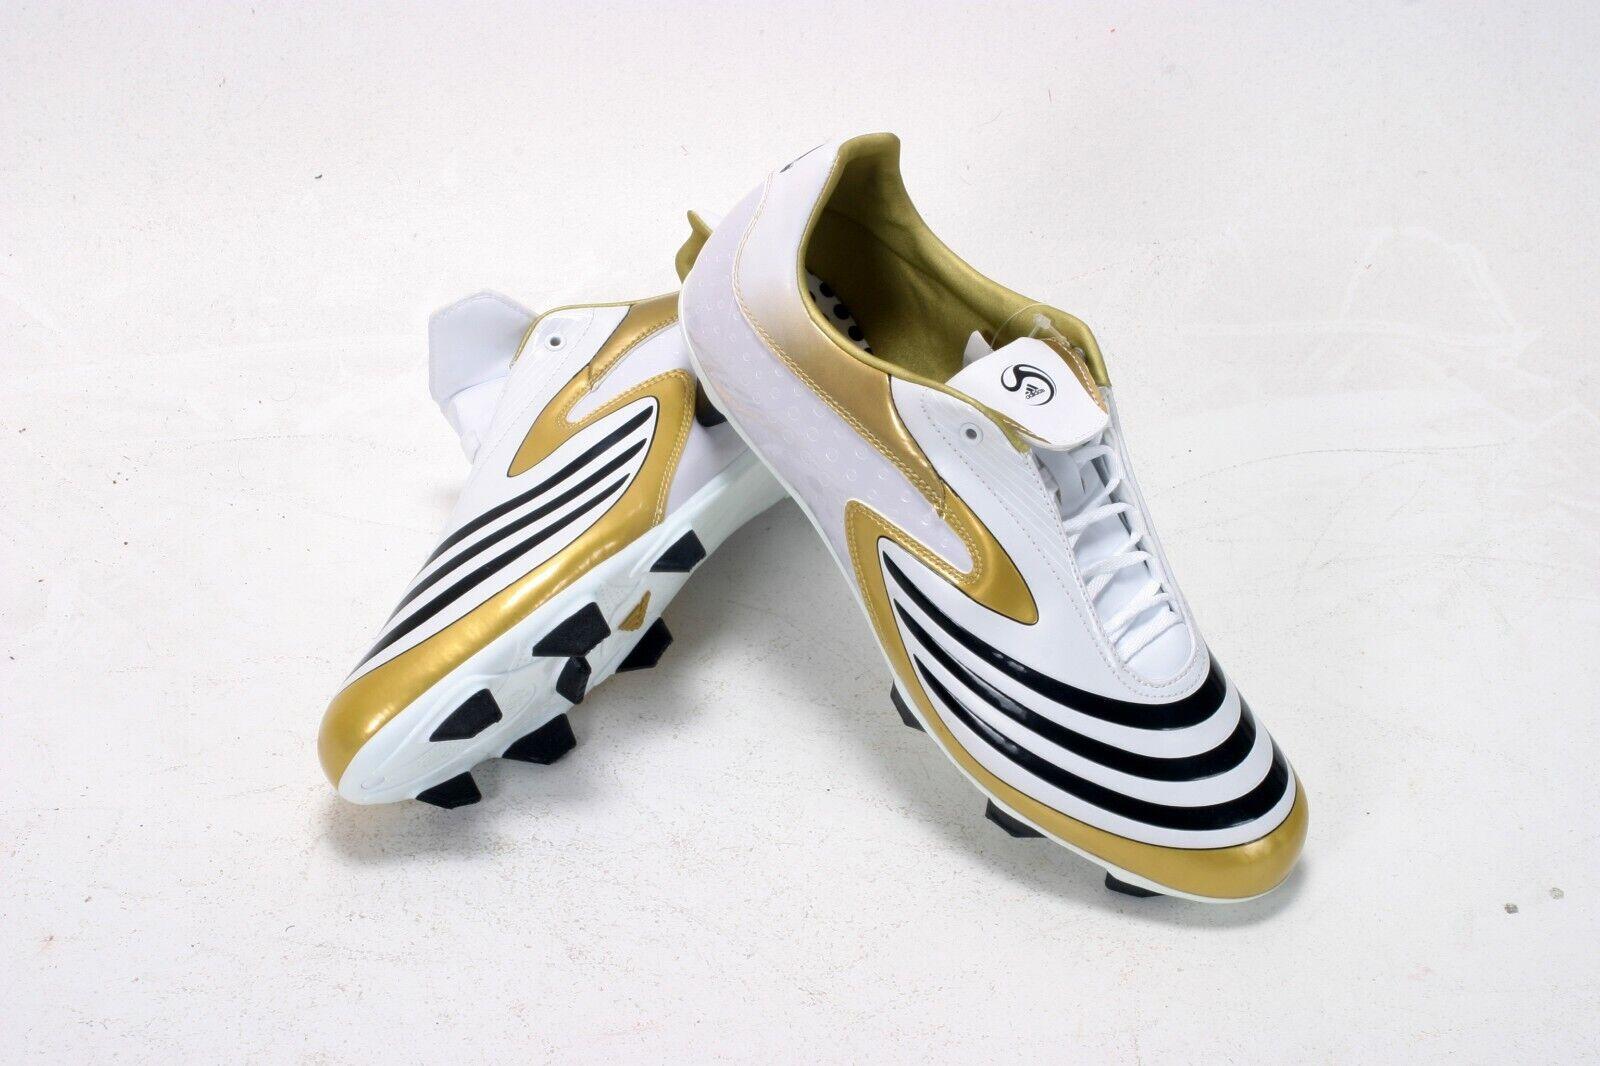 Raro Adidas F10.8 TRX botas De Fútbol Sg blancoo Dorado10.5 EU45 Nuevo Y En Caja 652059